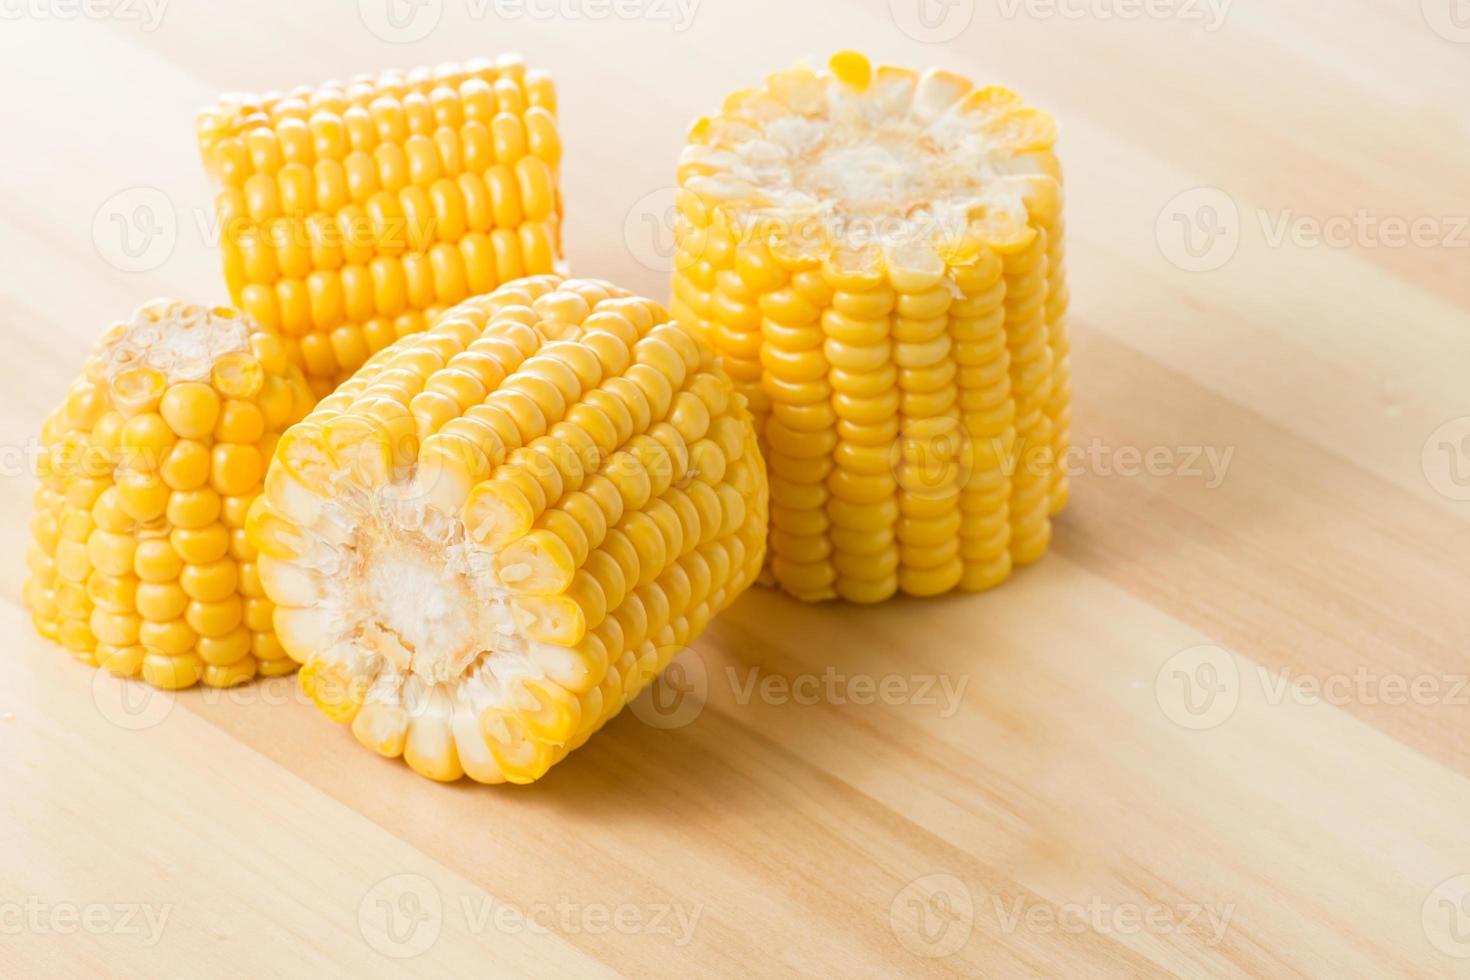 Grains of ripe corn photo